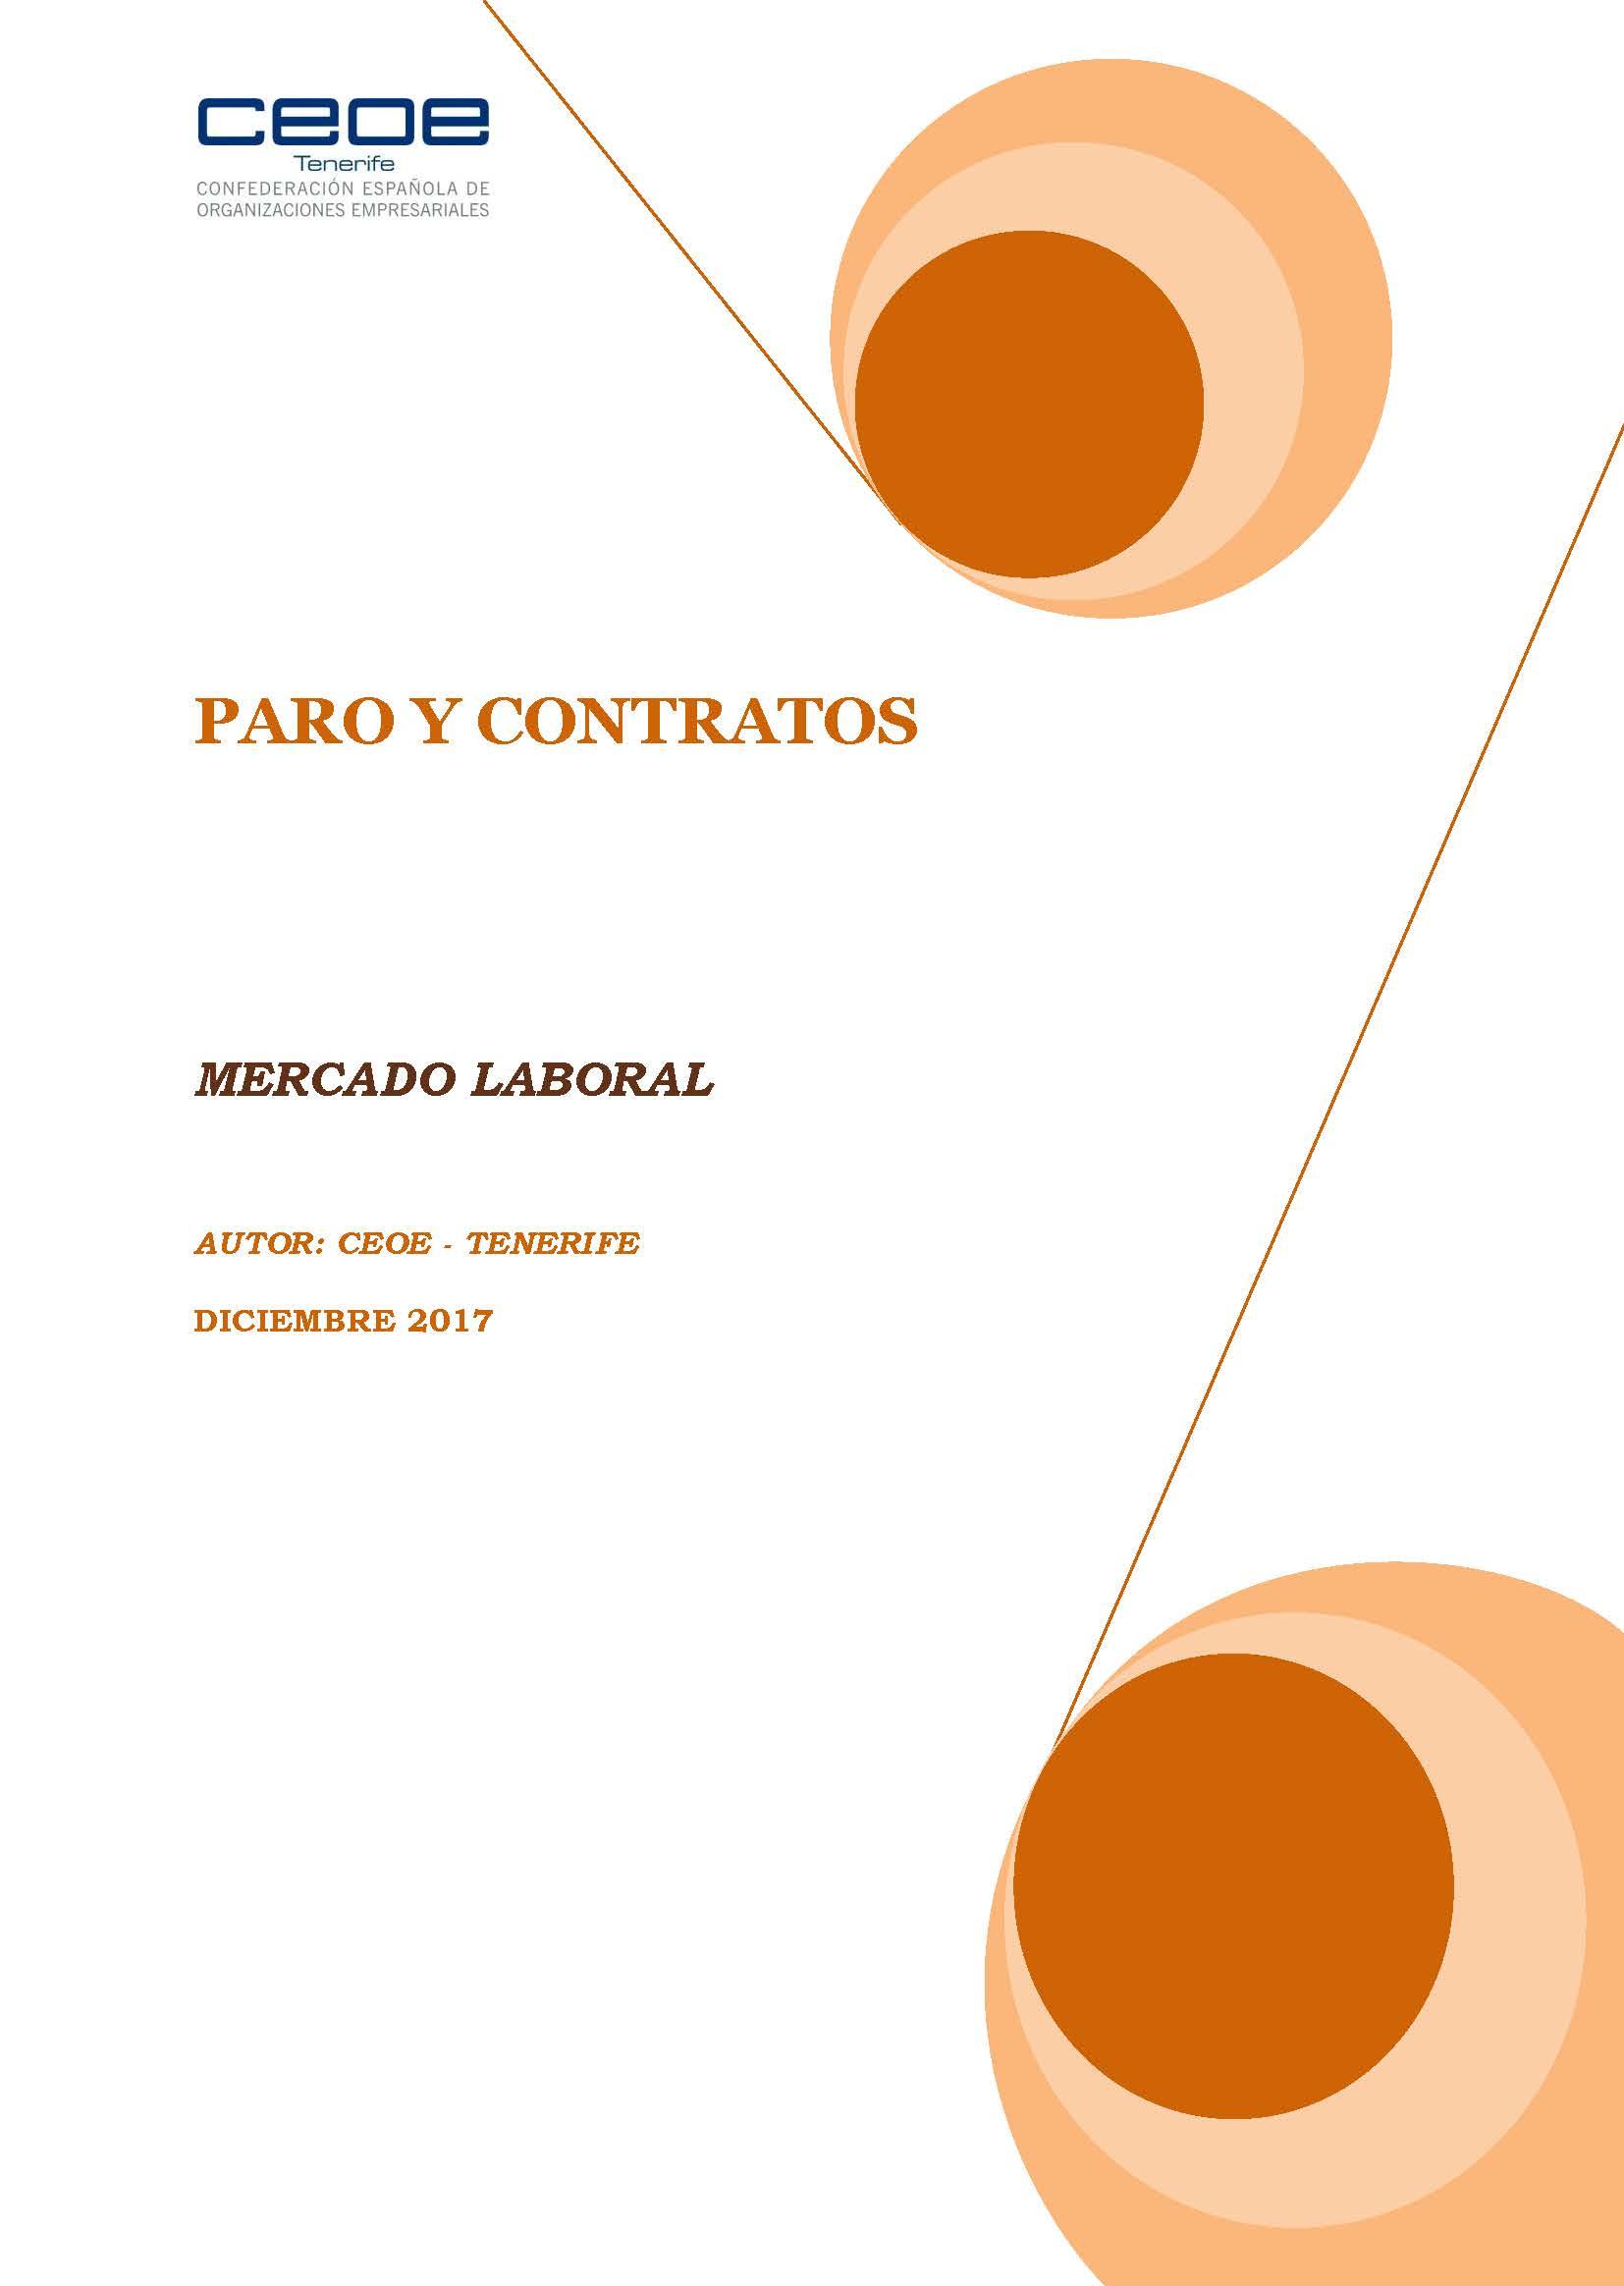 MERCADO LABORAL - PARO Y CONTRATOS DICIEMBRE 2017